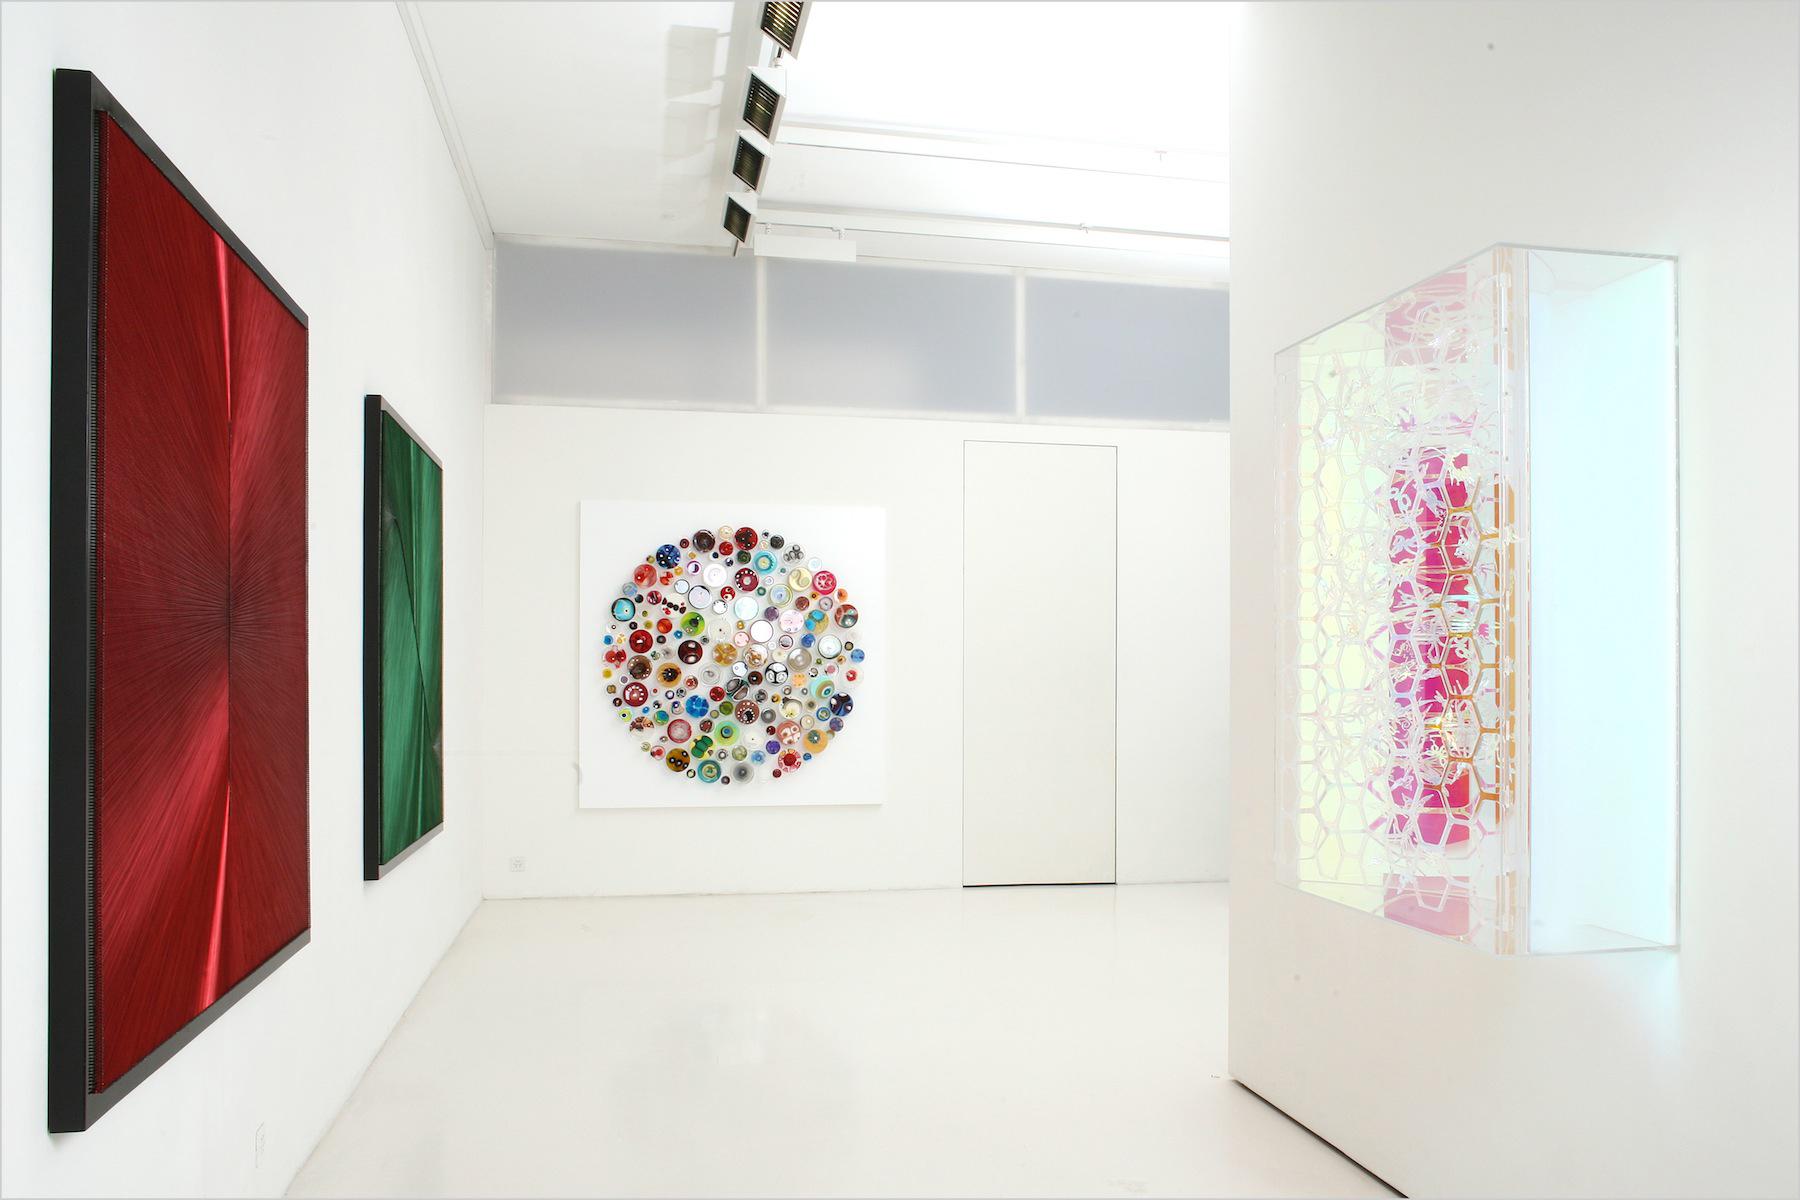 Artwork by Klari Reis.  Gallery exhibition in Switzerland.